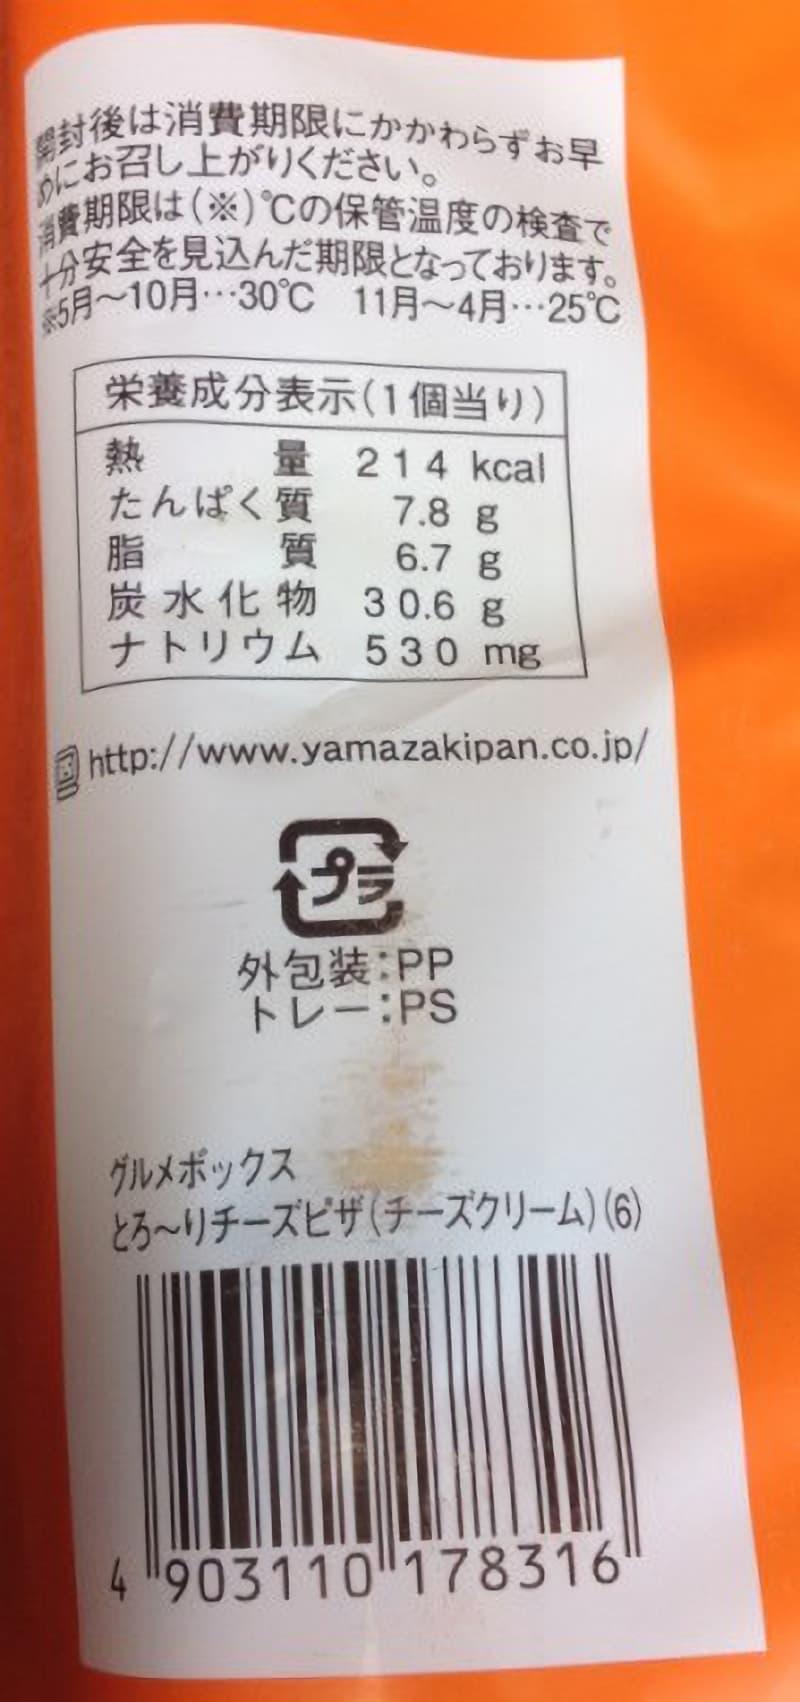 [4]が投稿したヤマザキ グルメボックス とろ~りチーズピザ チーズクリームの写真